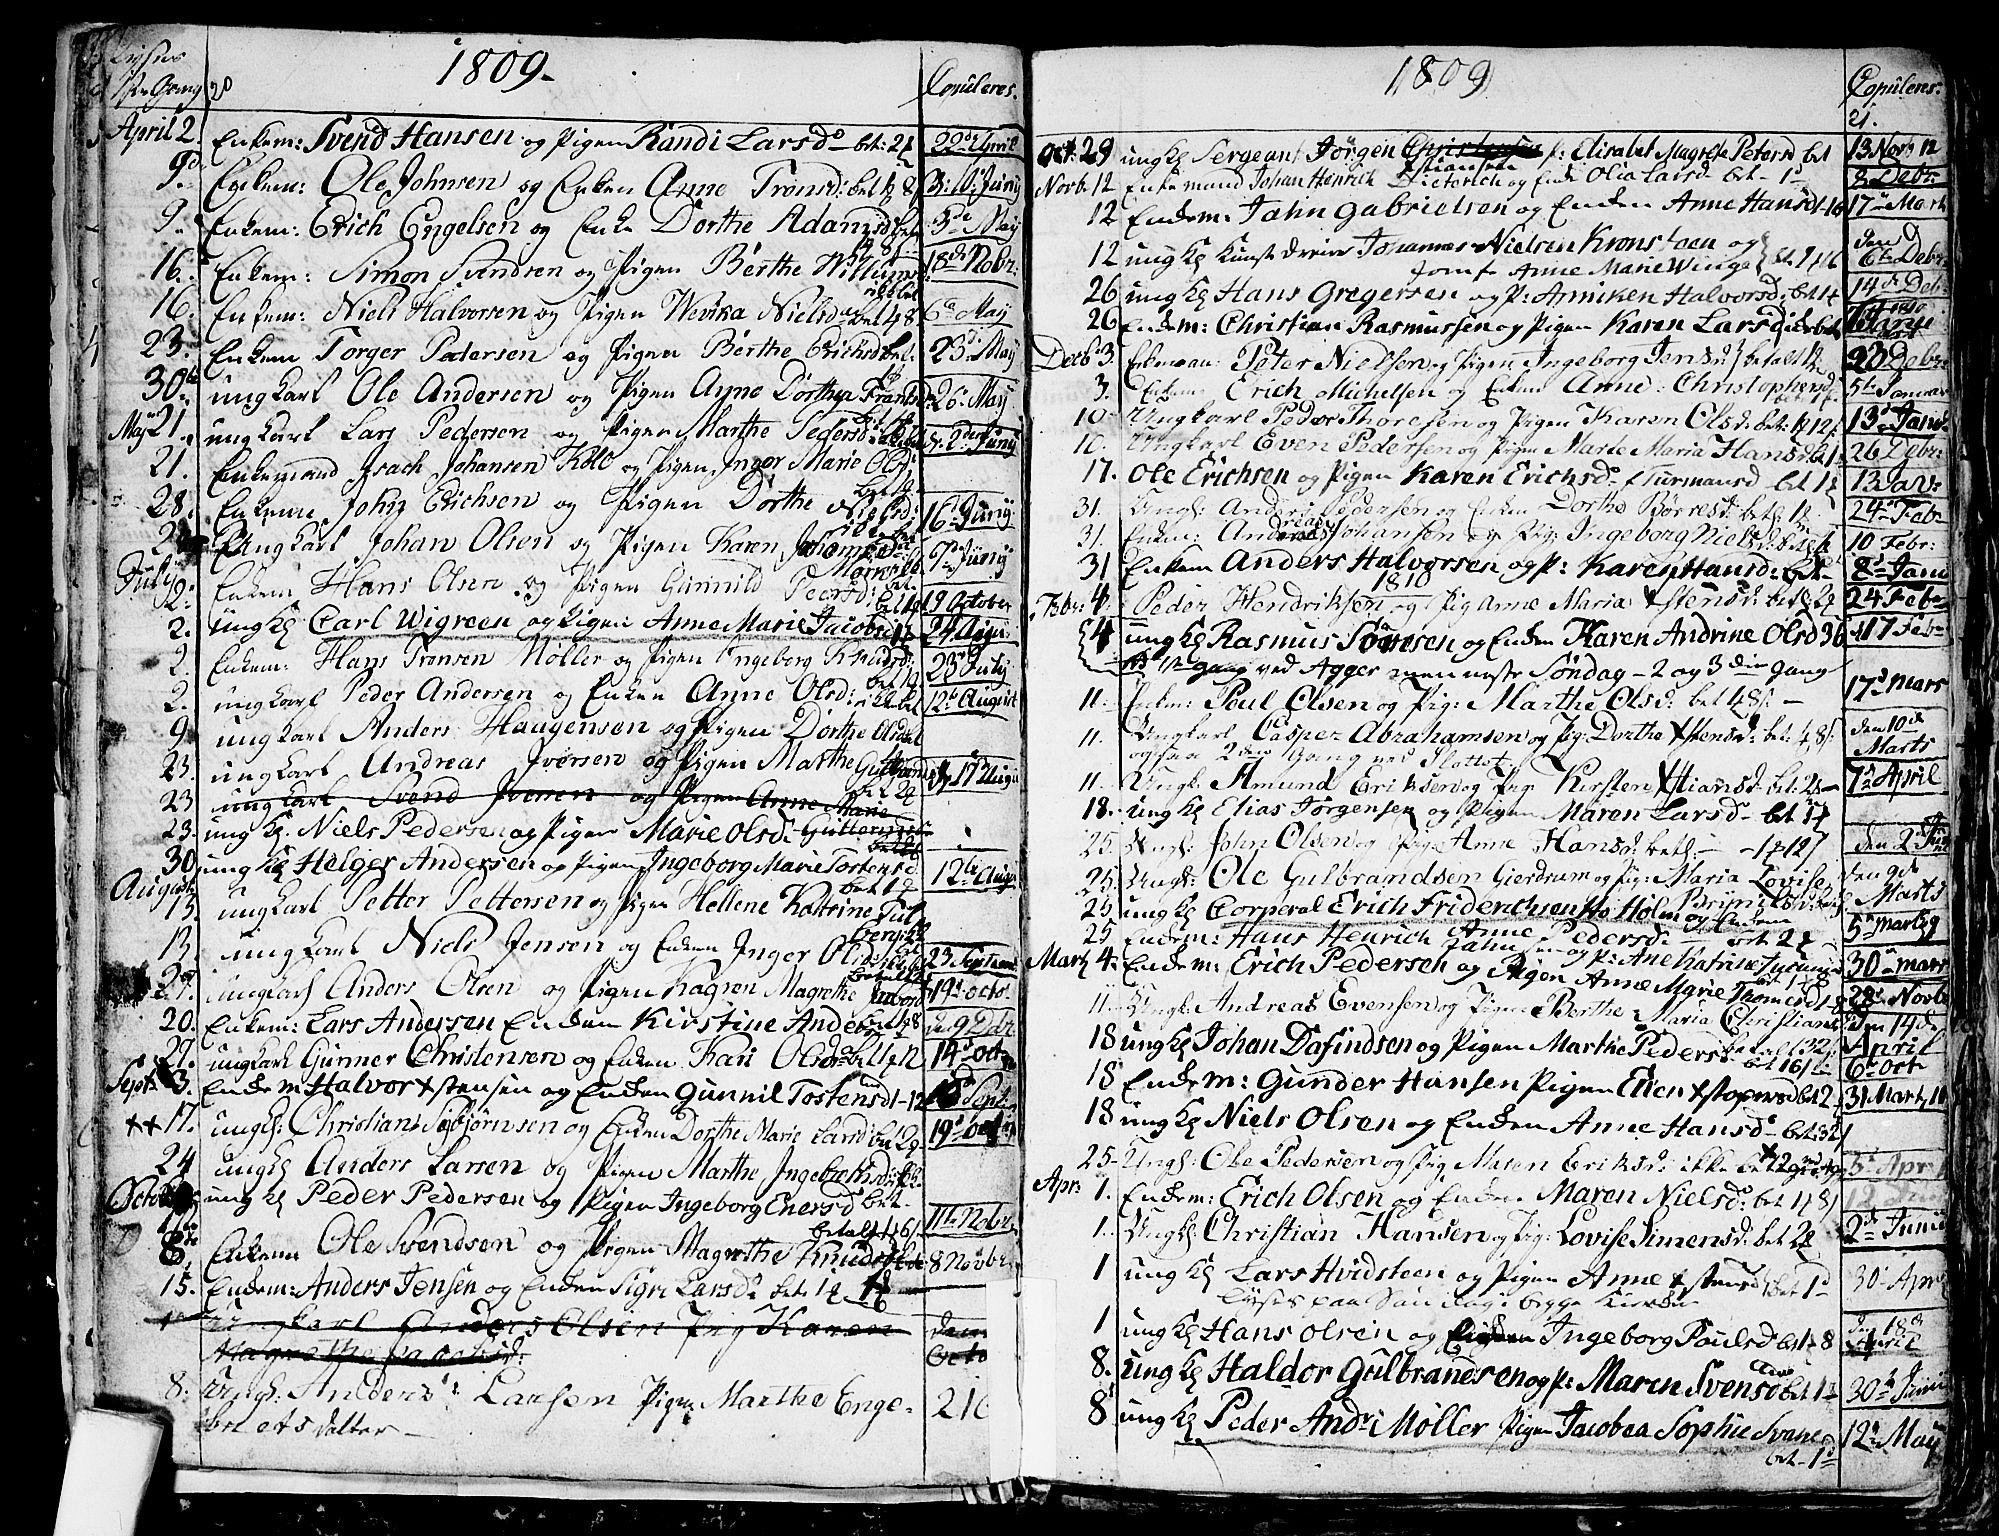 SAO, Aker prestekontor kirkebøker, G/L0001: Klokkerbok nr. 1, 1796-1826, s. 20-21